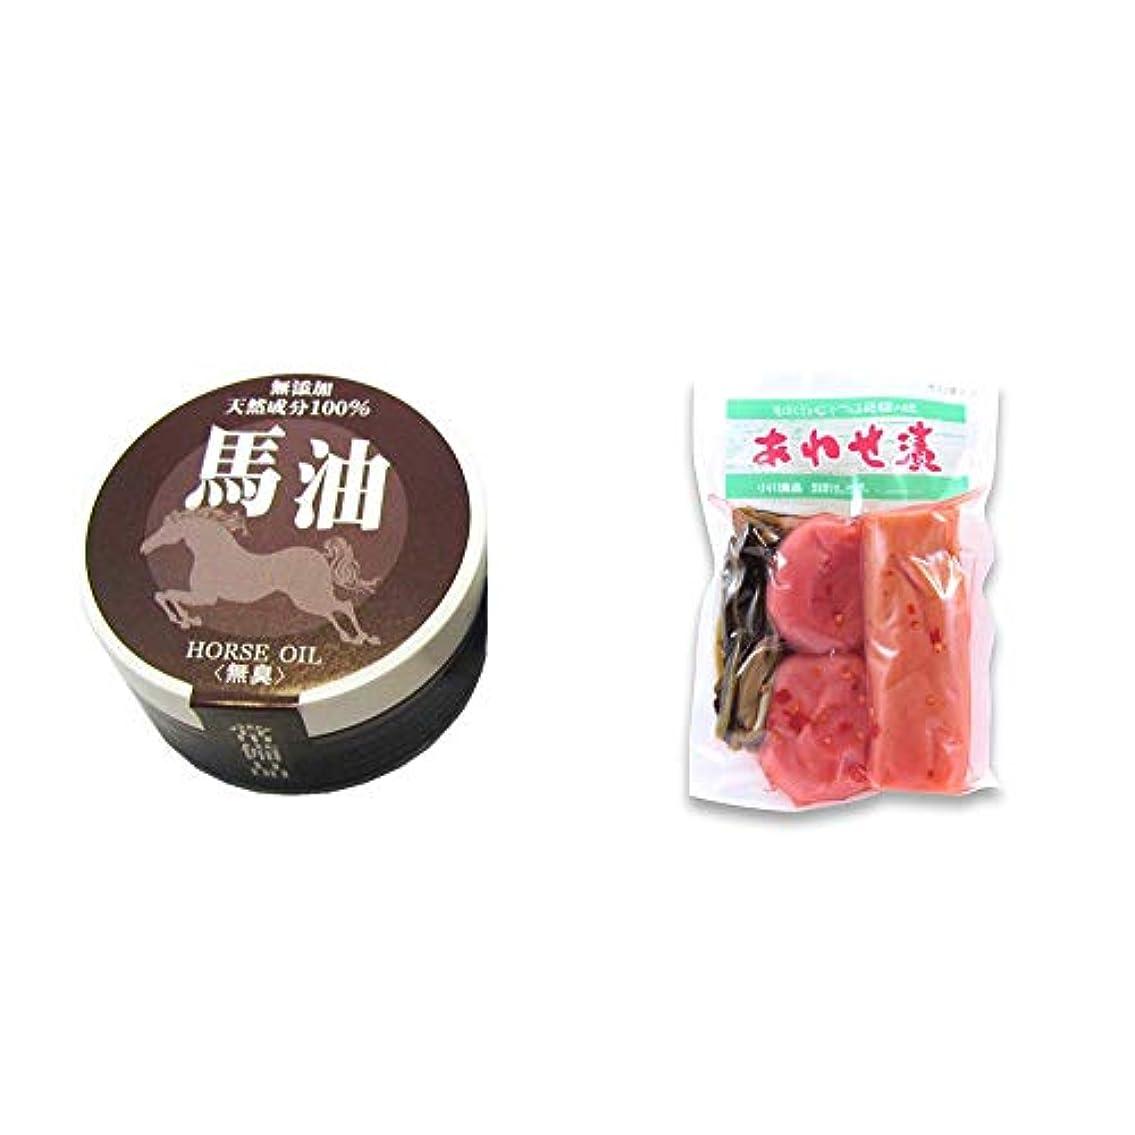 できたシチリア鮫[2点セット] 無添加天然成分100% 馬油[無香料](38g)?あわせ漬け(300g) [赤かぶら?たくあん?赤かぶ菜]